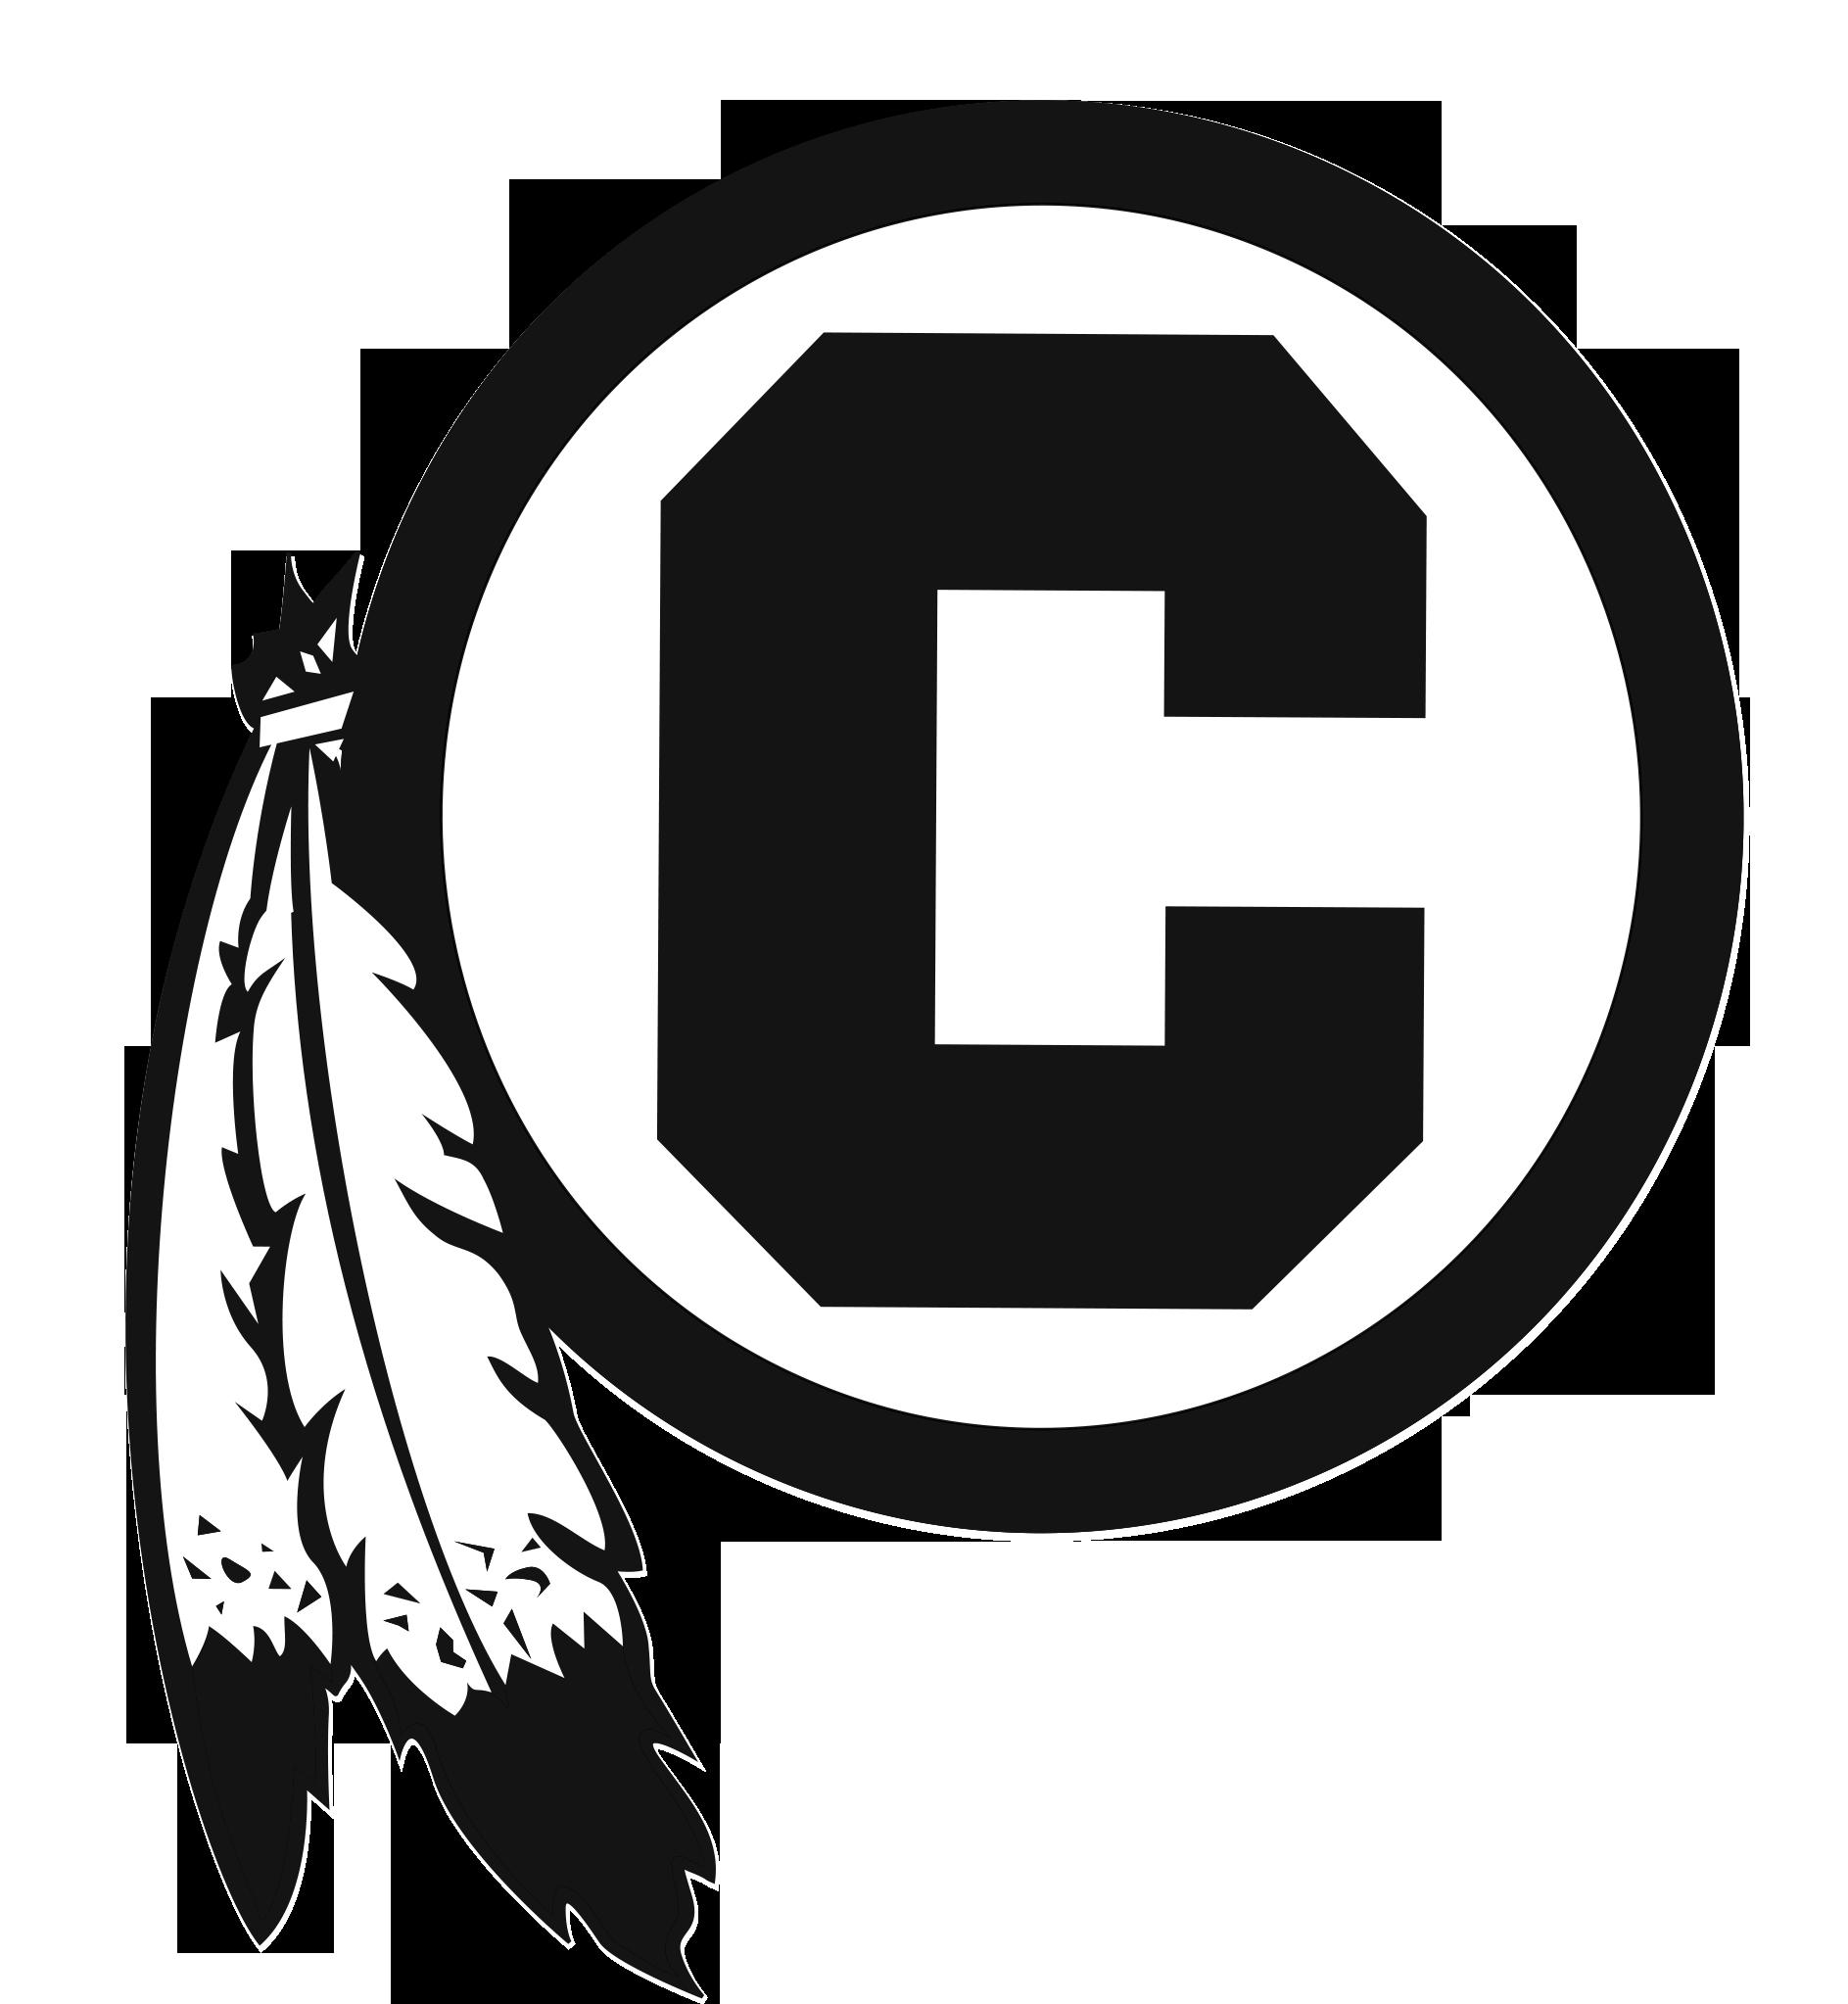 India clipart emblem. Indian clip art home